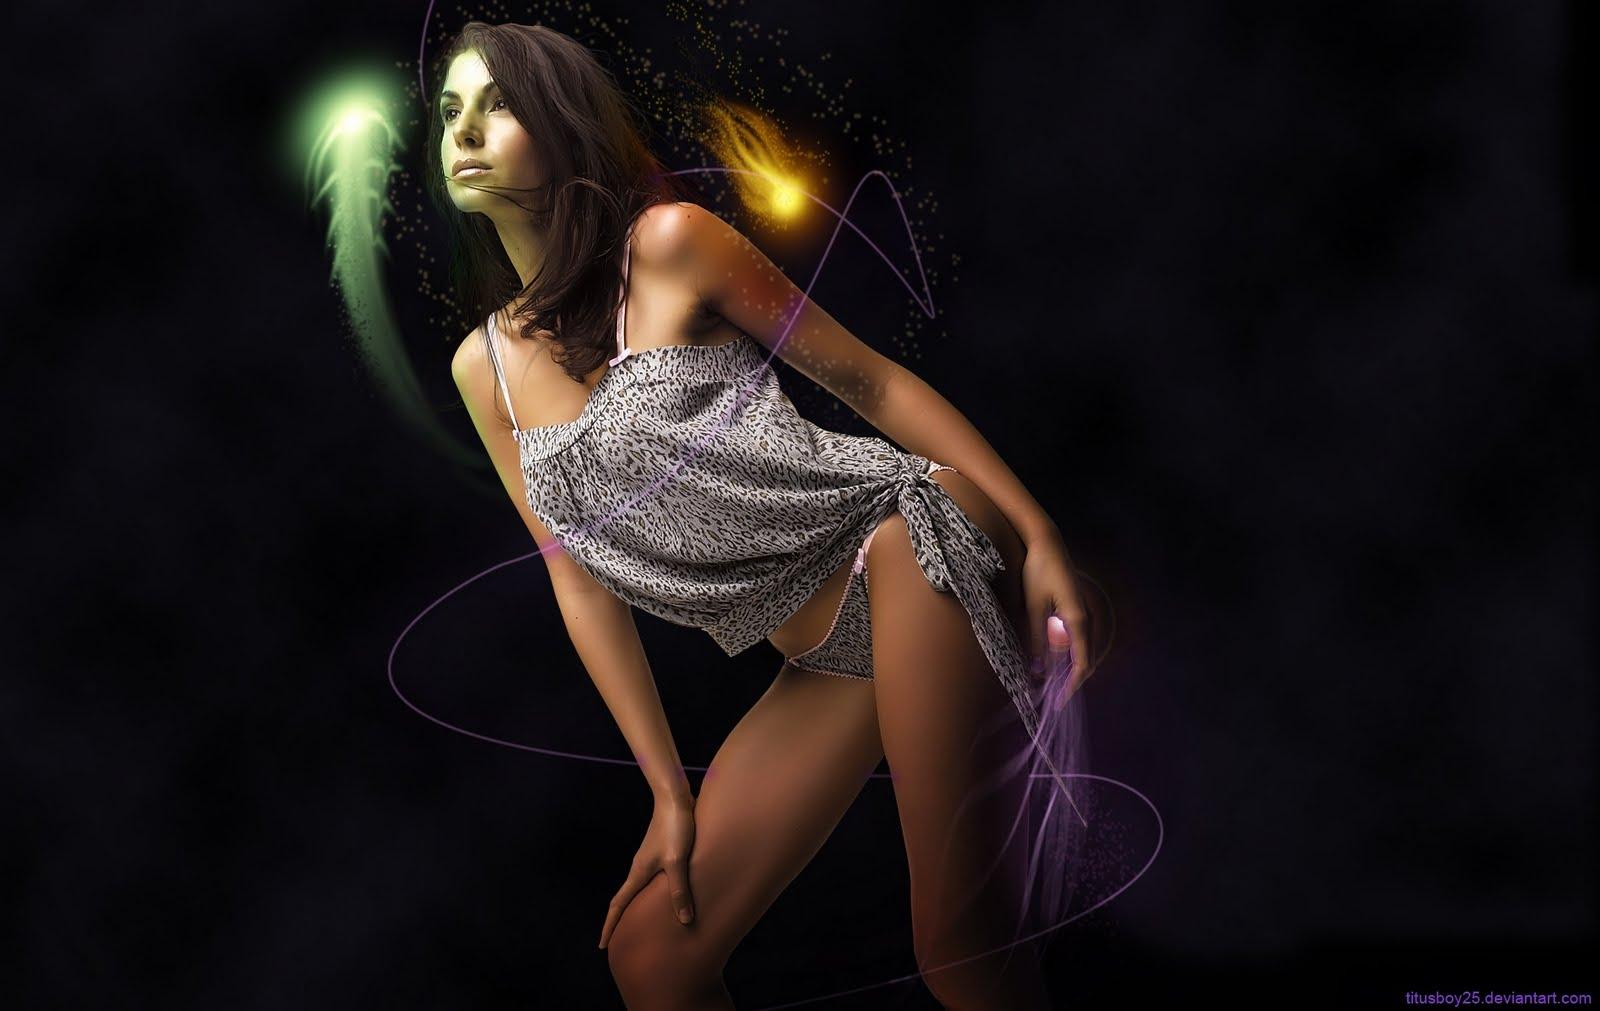 https://4.bp.blogspot.com/-vbkr0KhsIxI/TaA3AKxghzI/AAAAAAAAB_8/mevMb7-Q_-o/s1600/TheWallpaperDB.blogspot.com_-_Sexy+++%252823%2529.jpg